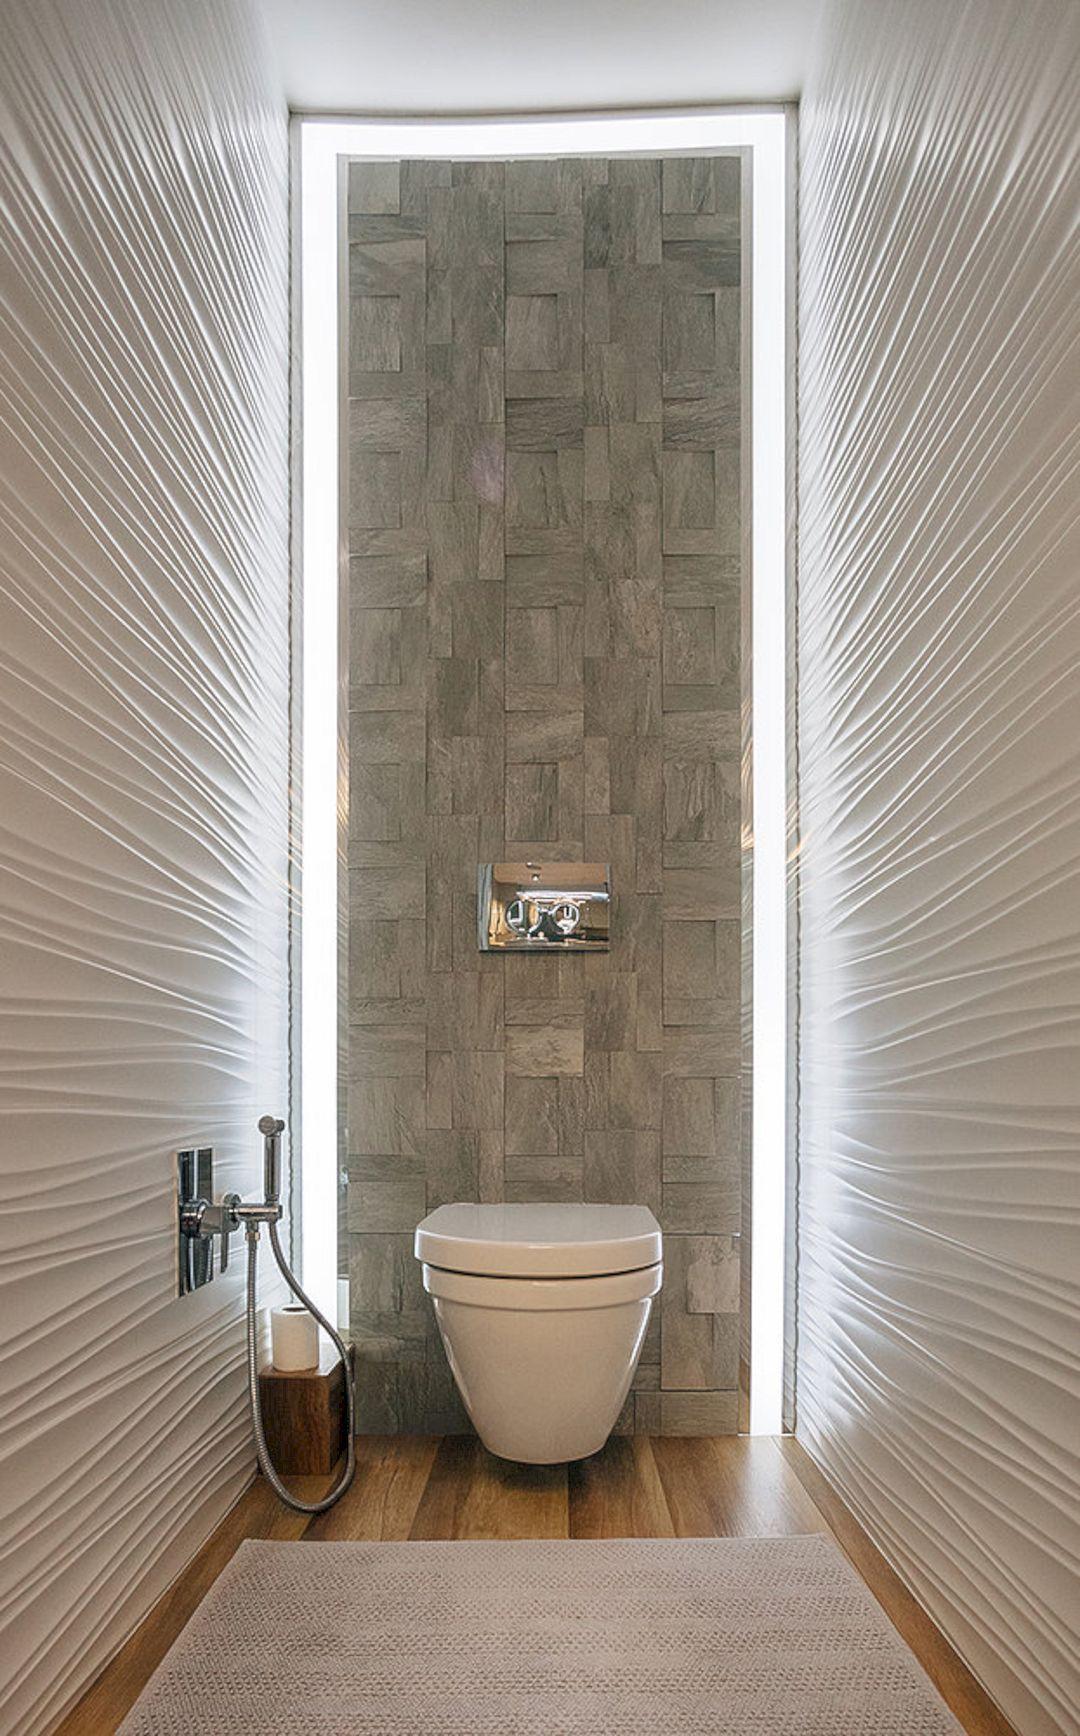 16 Small Bathroom Renovation Ideas Minimalist Small Bathrooms Small Bathroom Remodel Small Bathroom